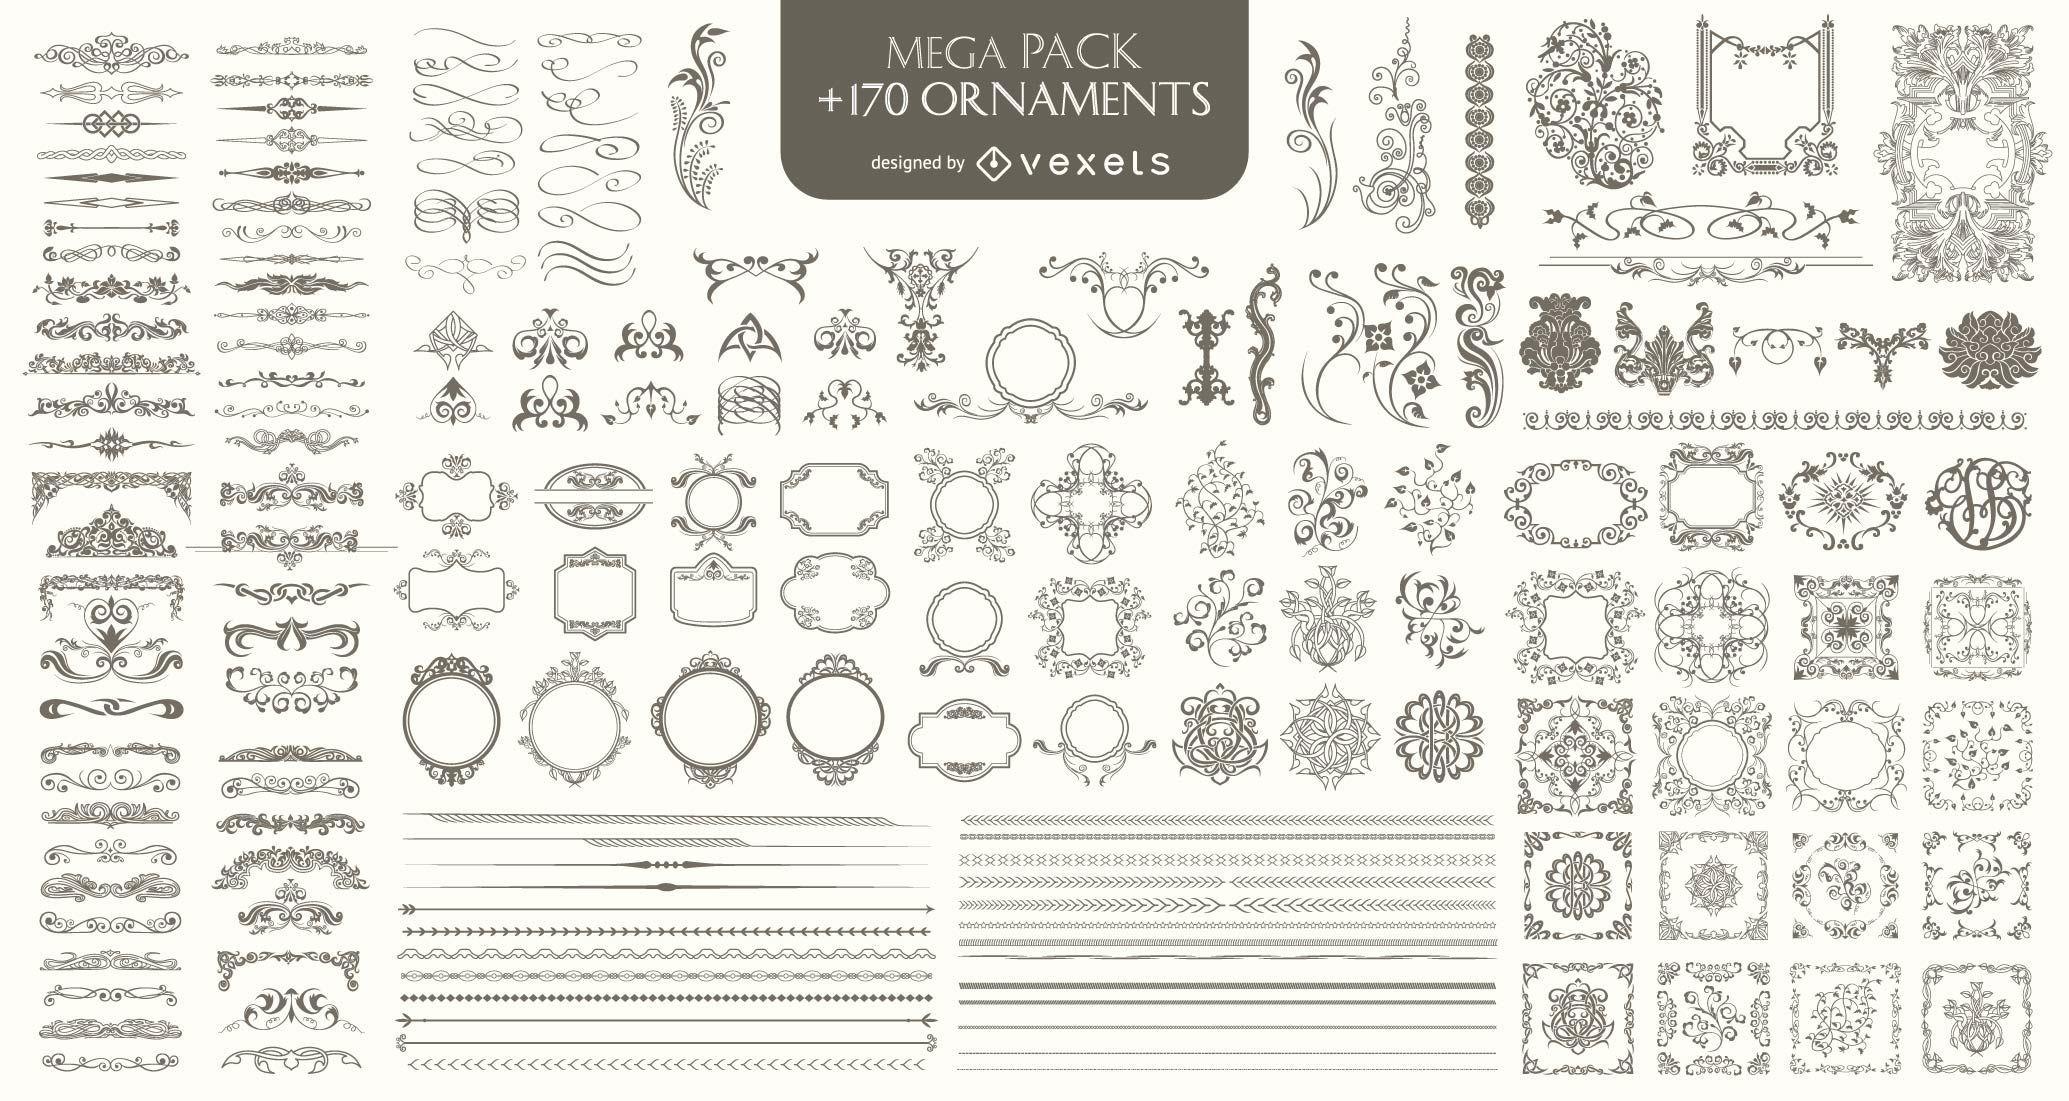 170 Ornaments Mega Pack: divisores molduras cantos bordas e muito mais